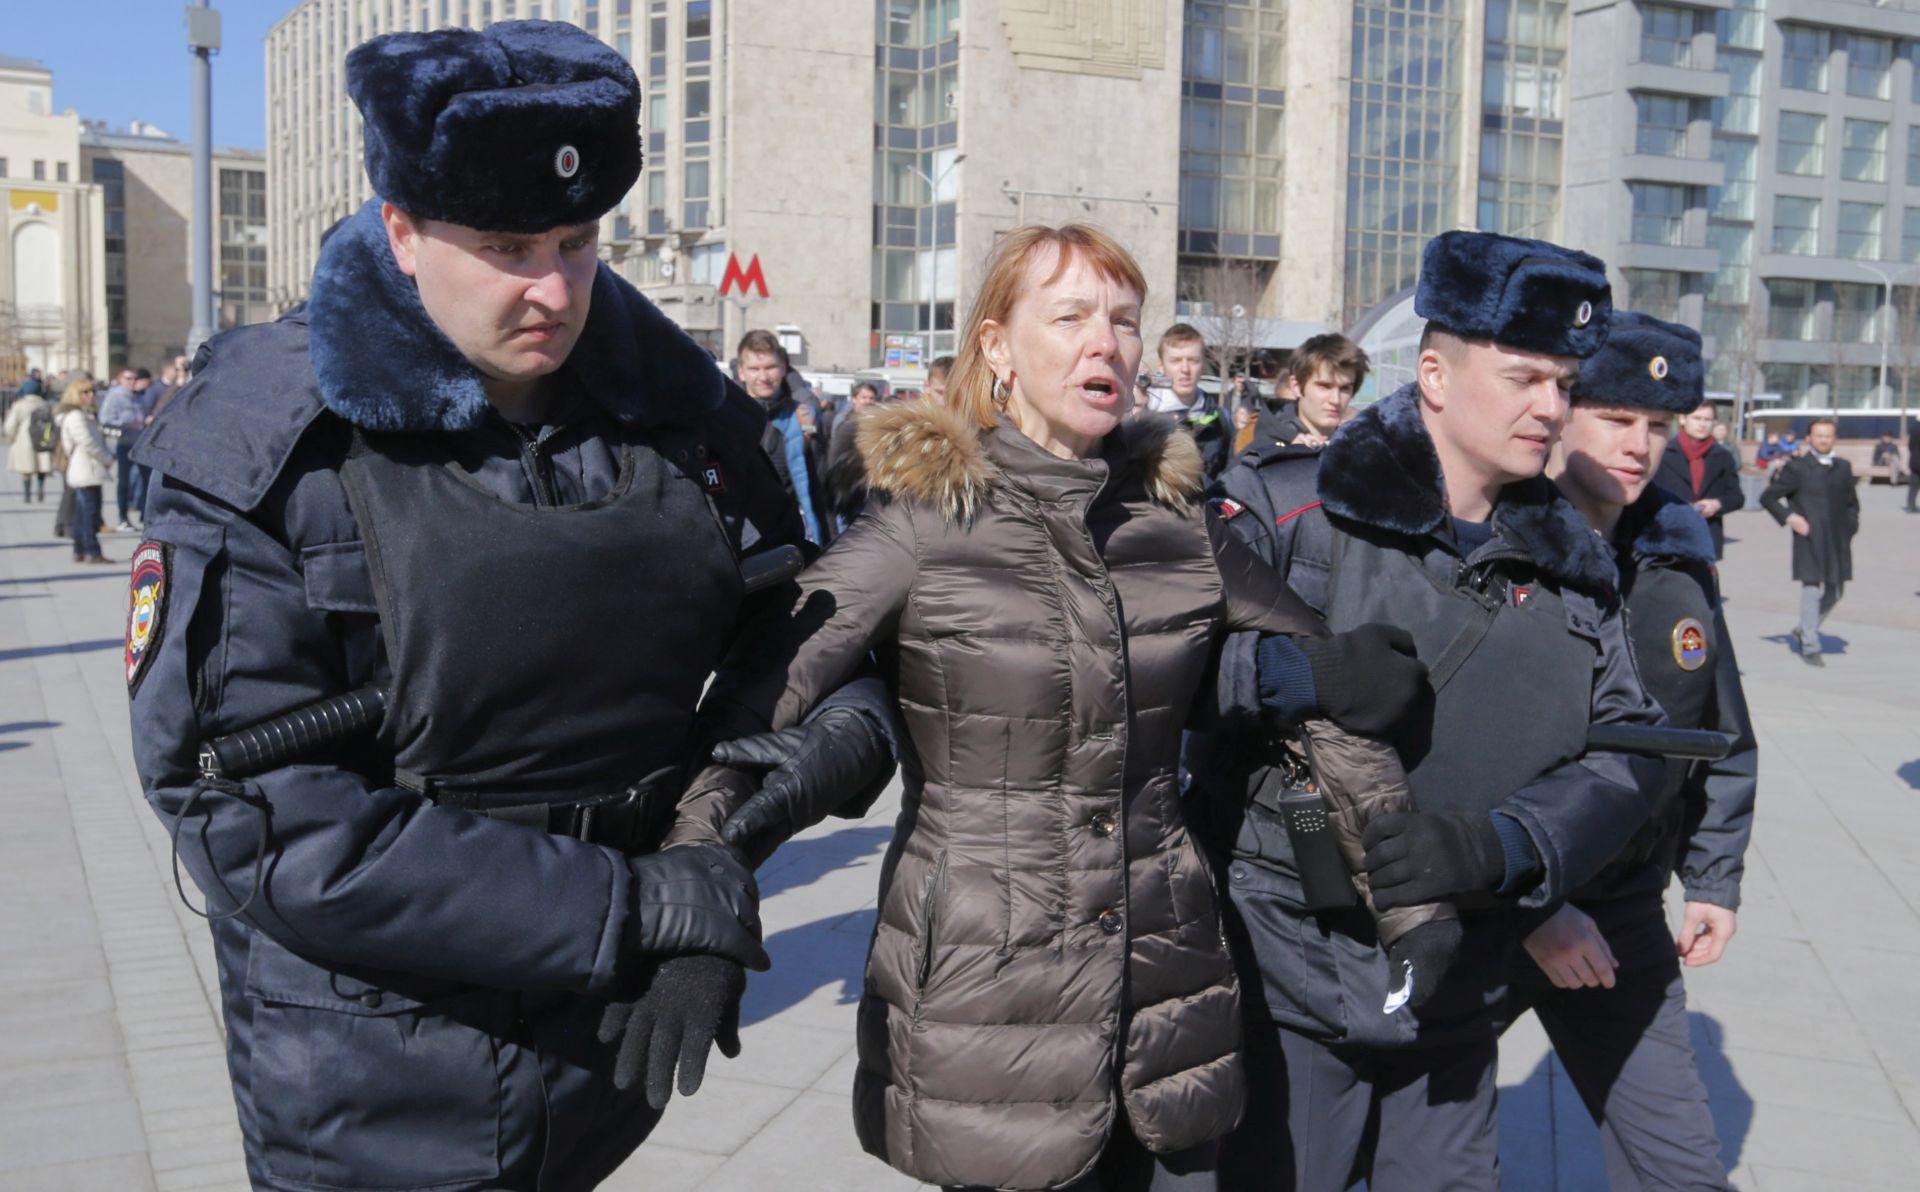 Prosvjedi diljem Rusije, u Moskvi uhićen čelnik opozicije